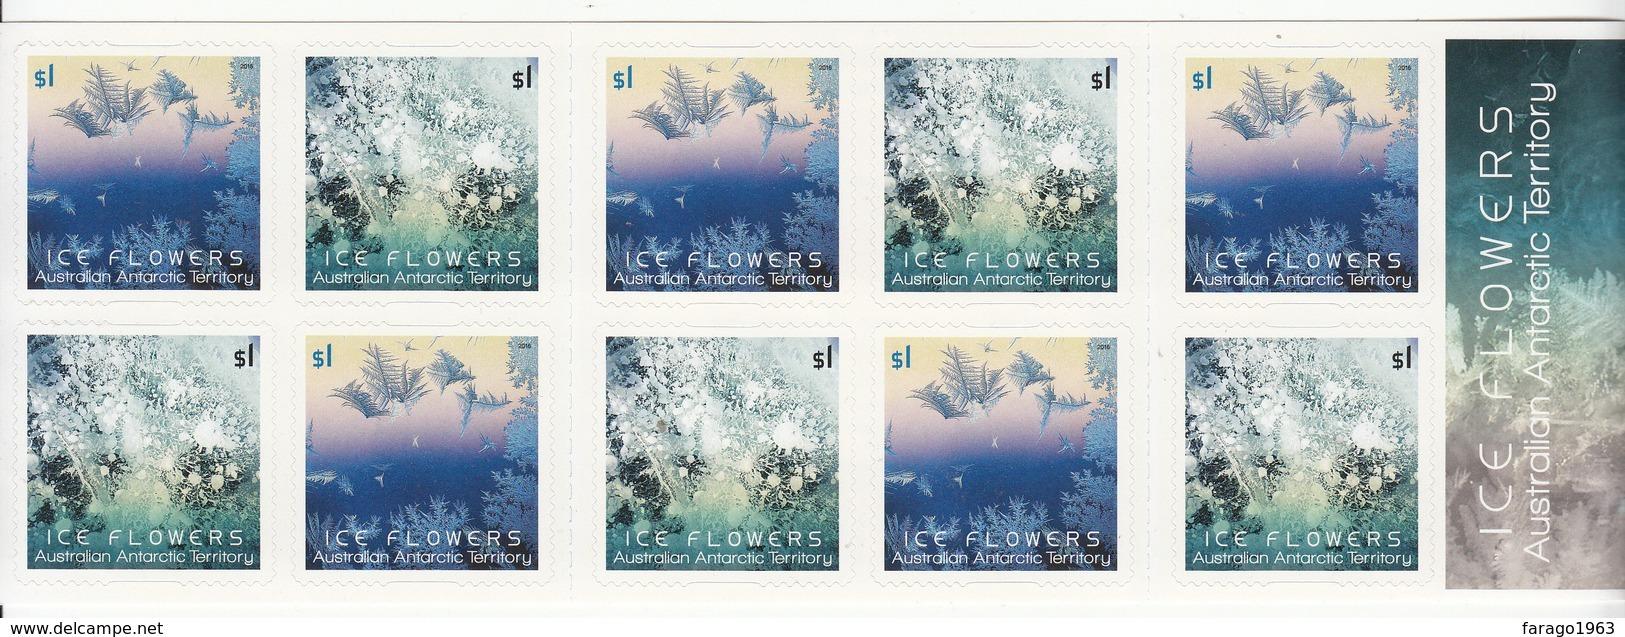 2016 Australian Antarctic Territory Ice Flowers Booklet Unexploded  MNH @  90% FACE VALUE - Australisches Antarktis-Territorium (AAT)